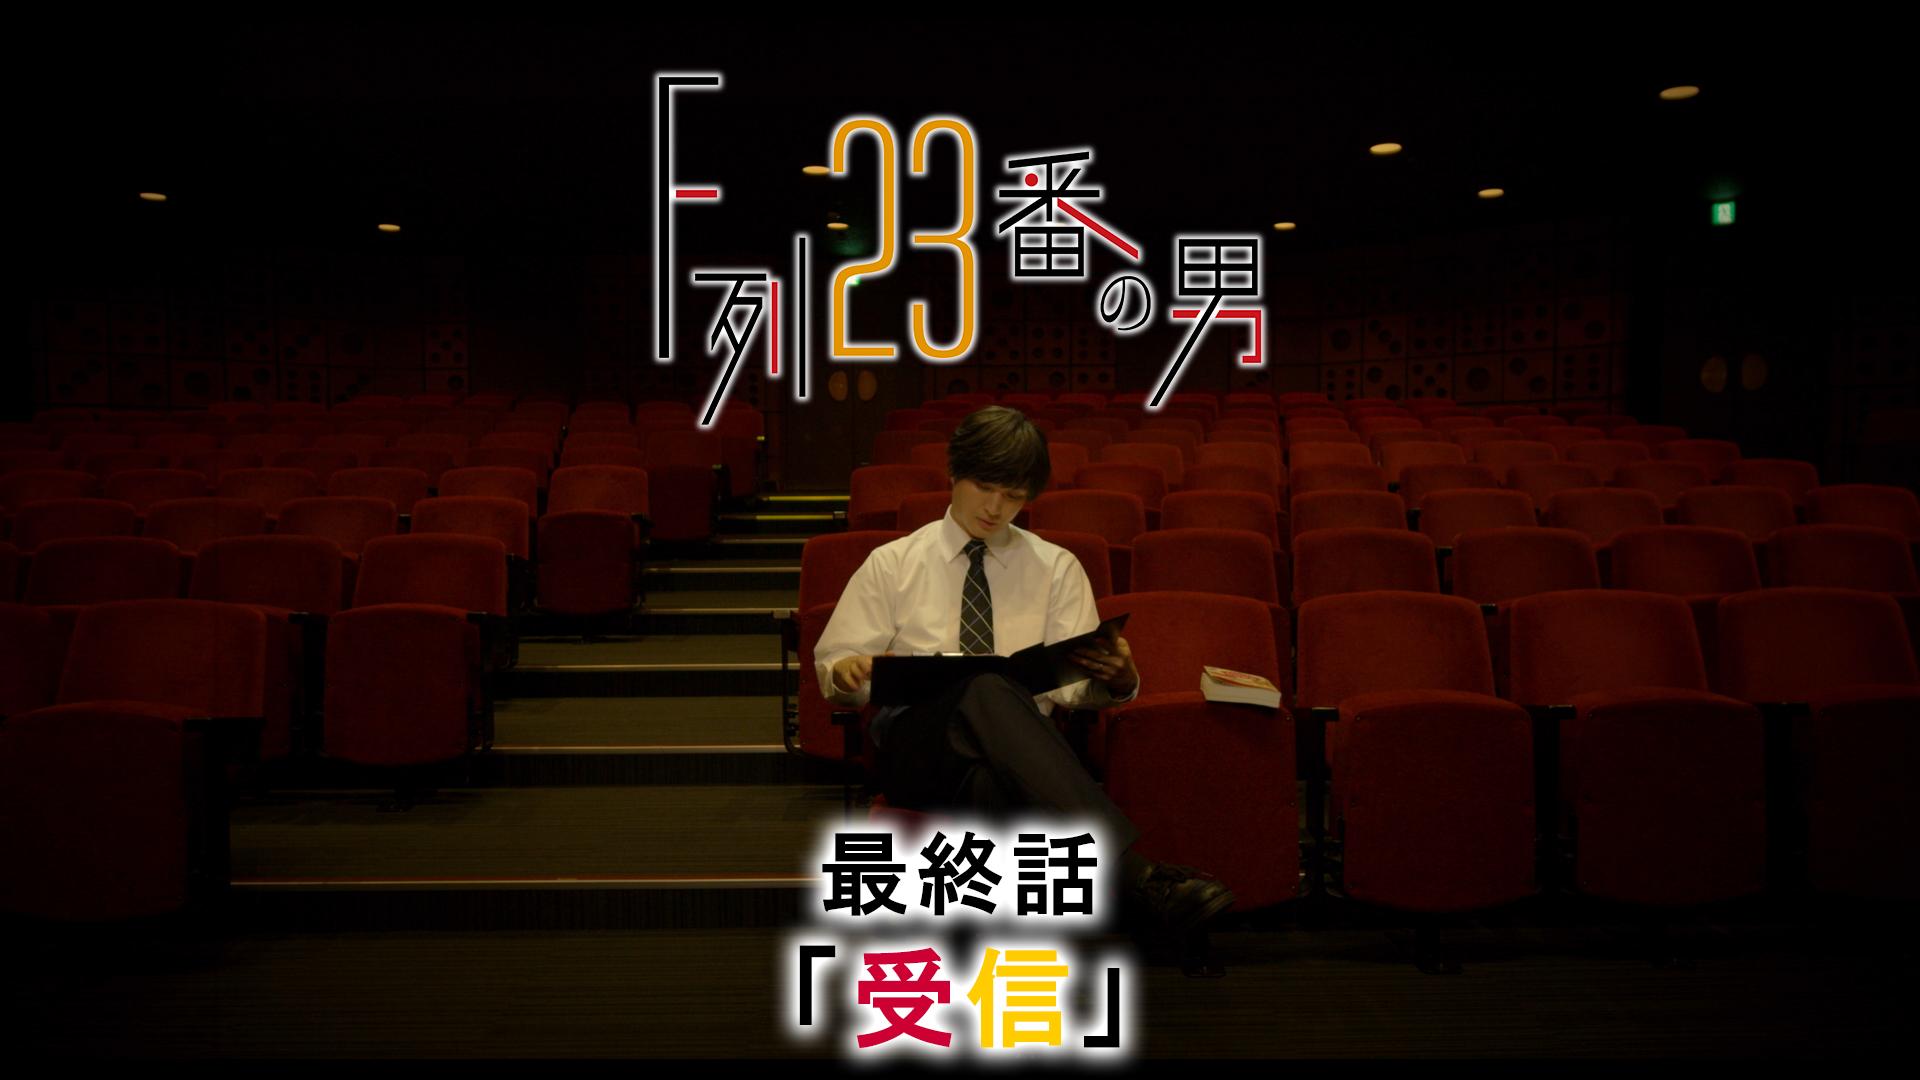 8月26日配信<br>『F列23番の男』最終話「受信」